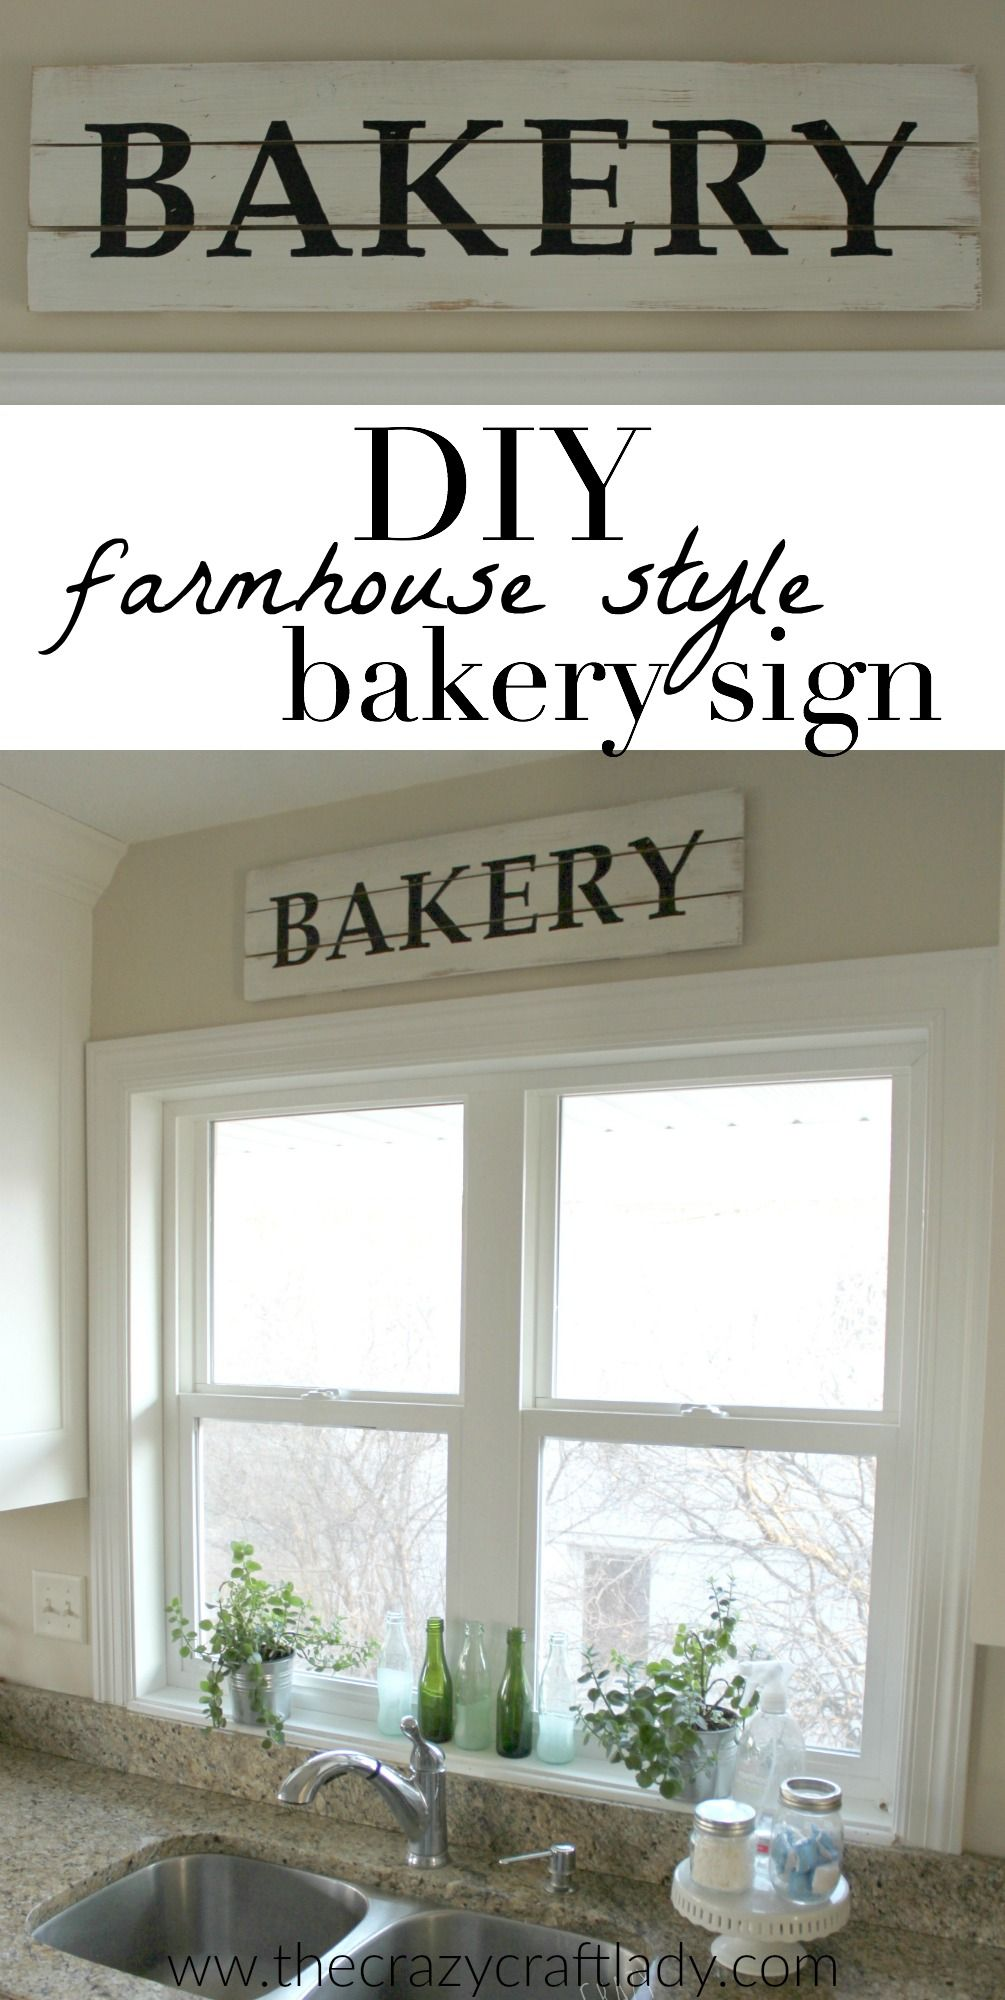 DIY Farmhouse Style Bakery Kitchen Sign Farmhouse style